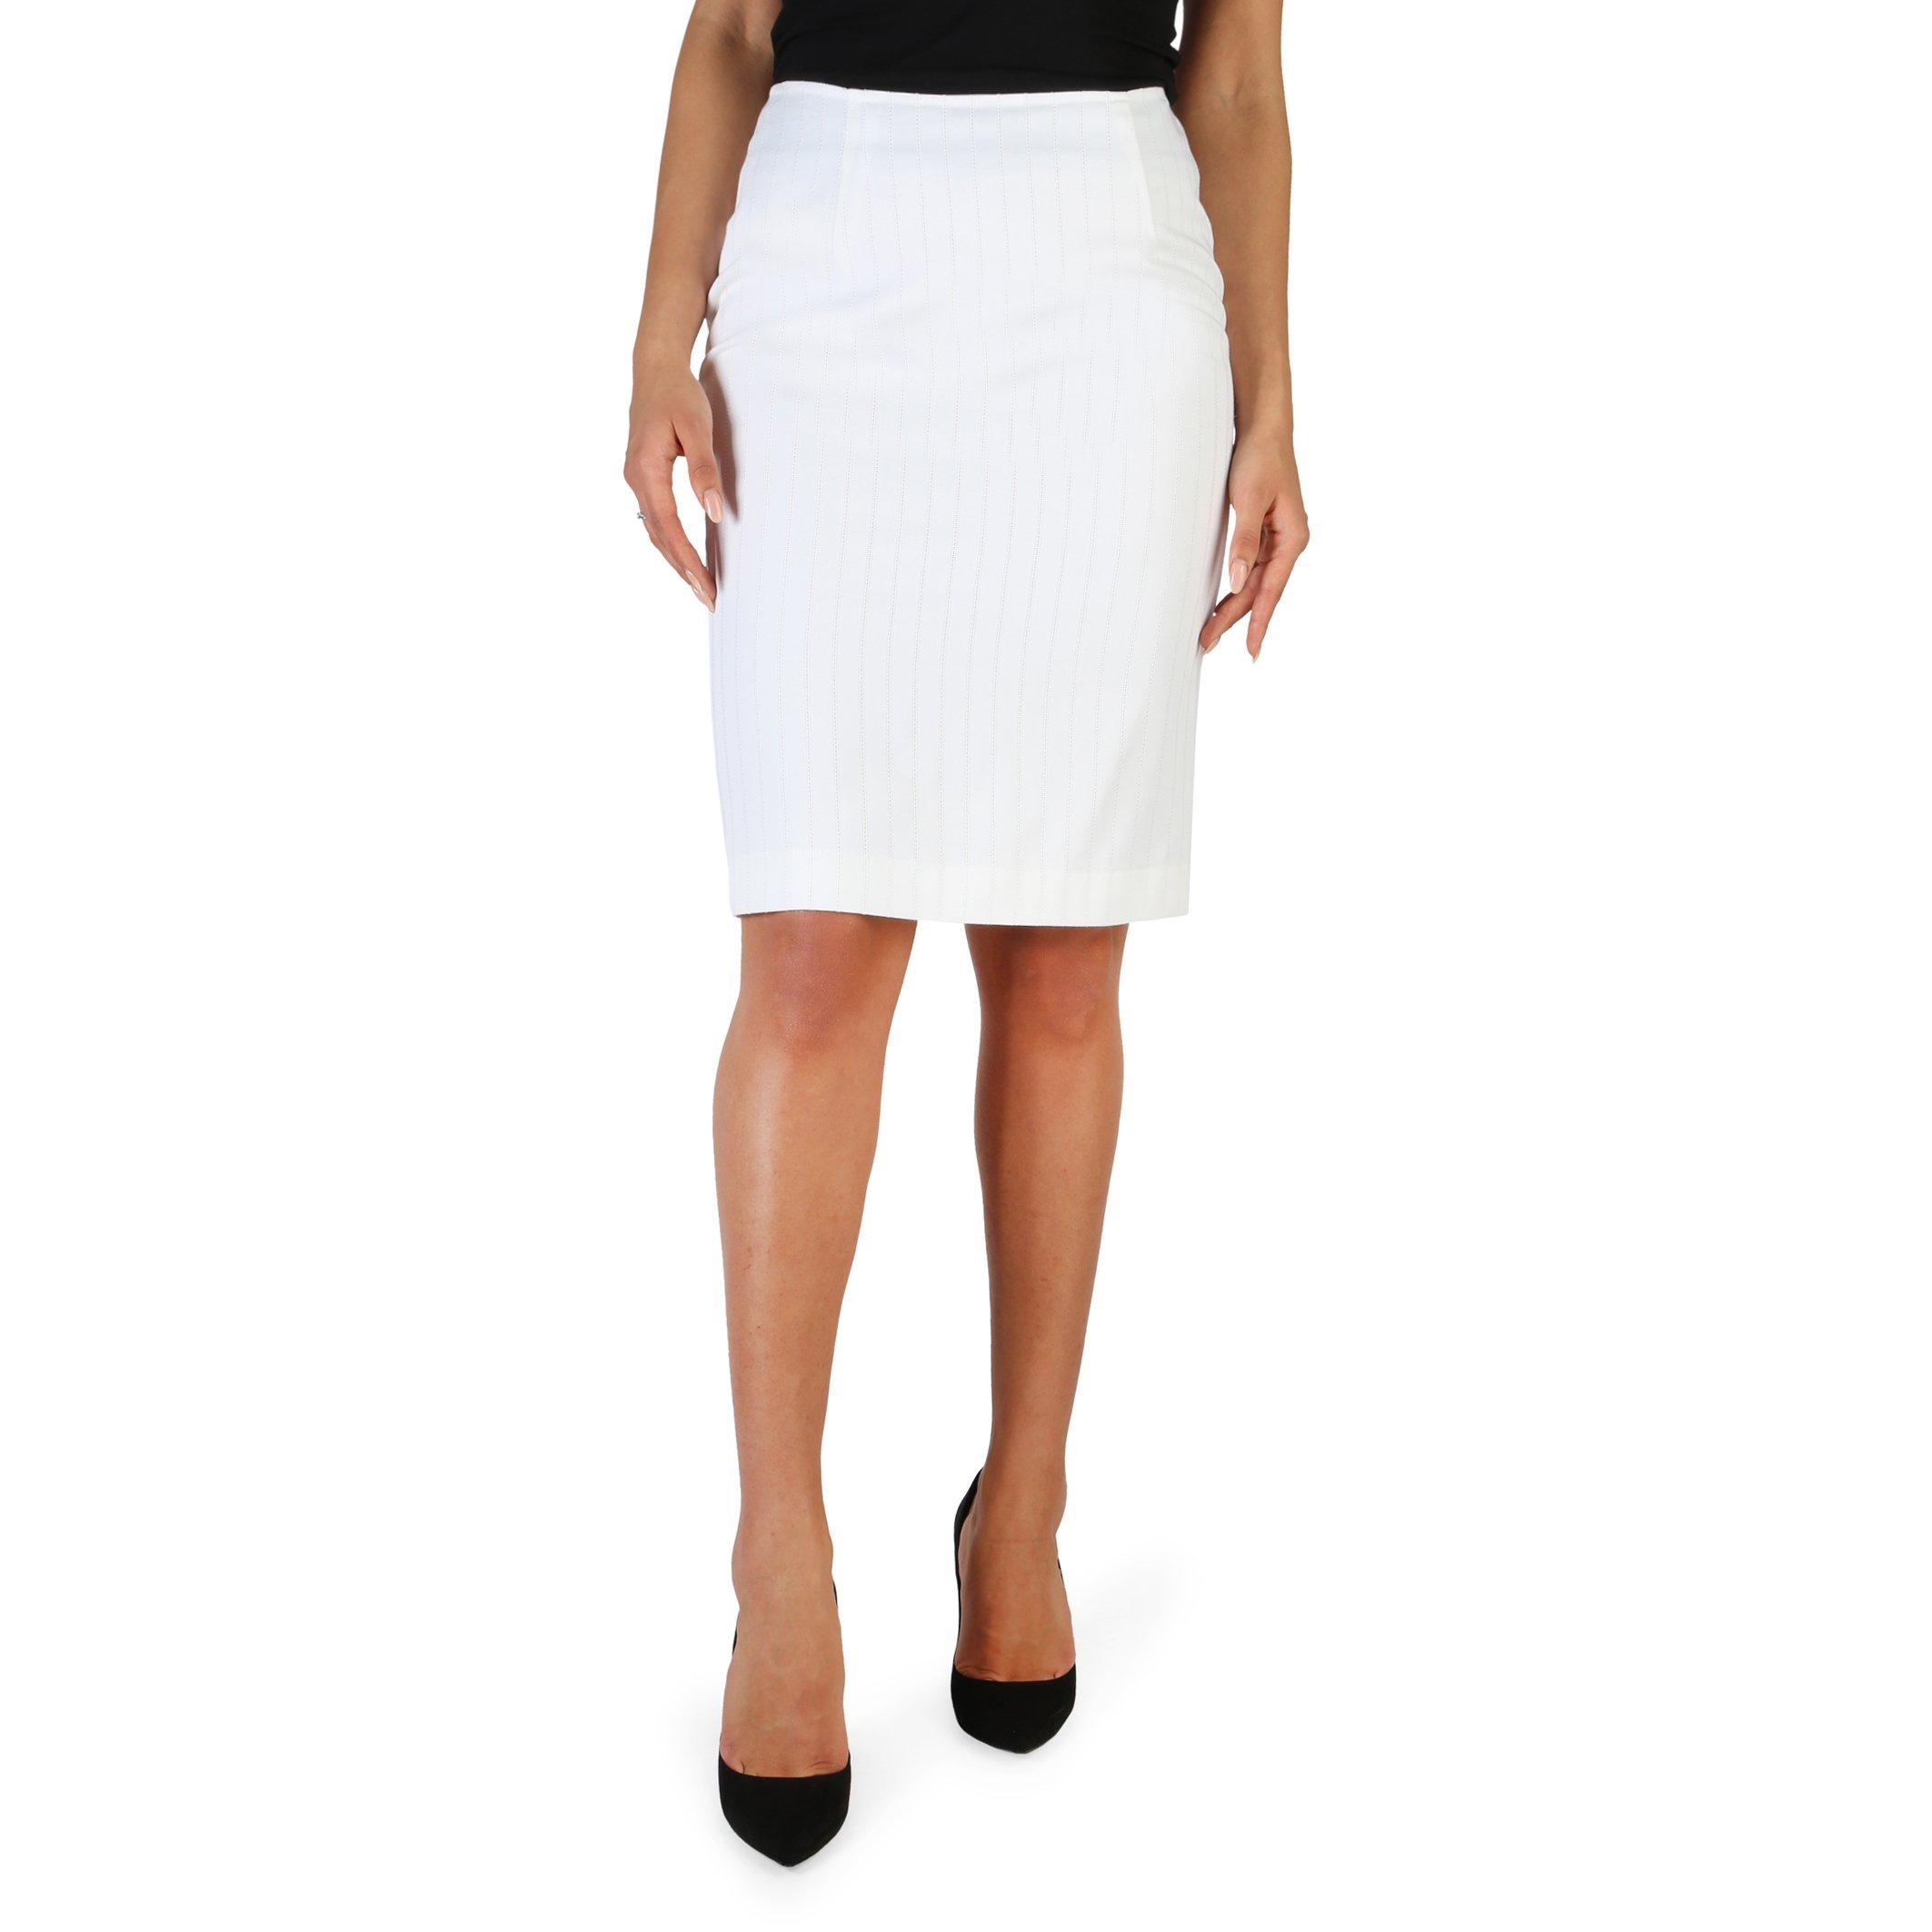 Fontana 2.0 Women's Skirt Various Colours NELLY - white 42